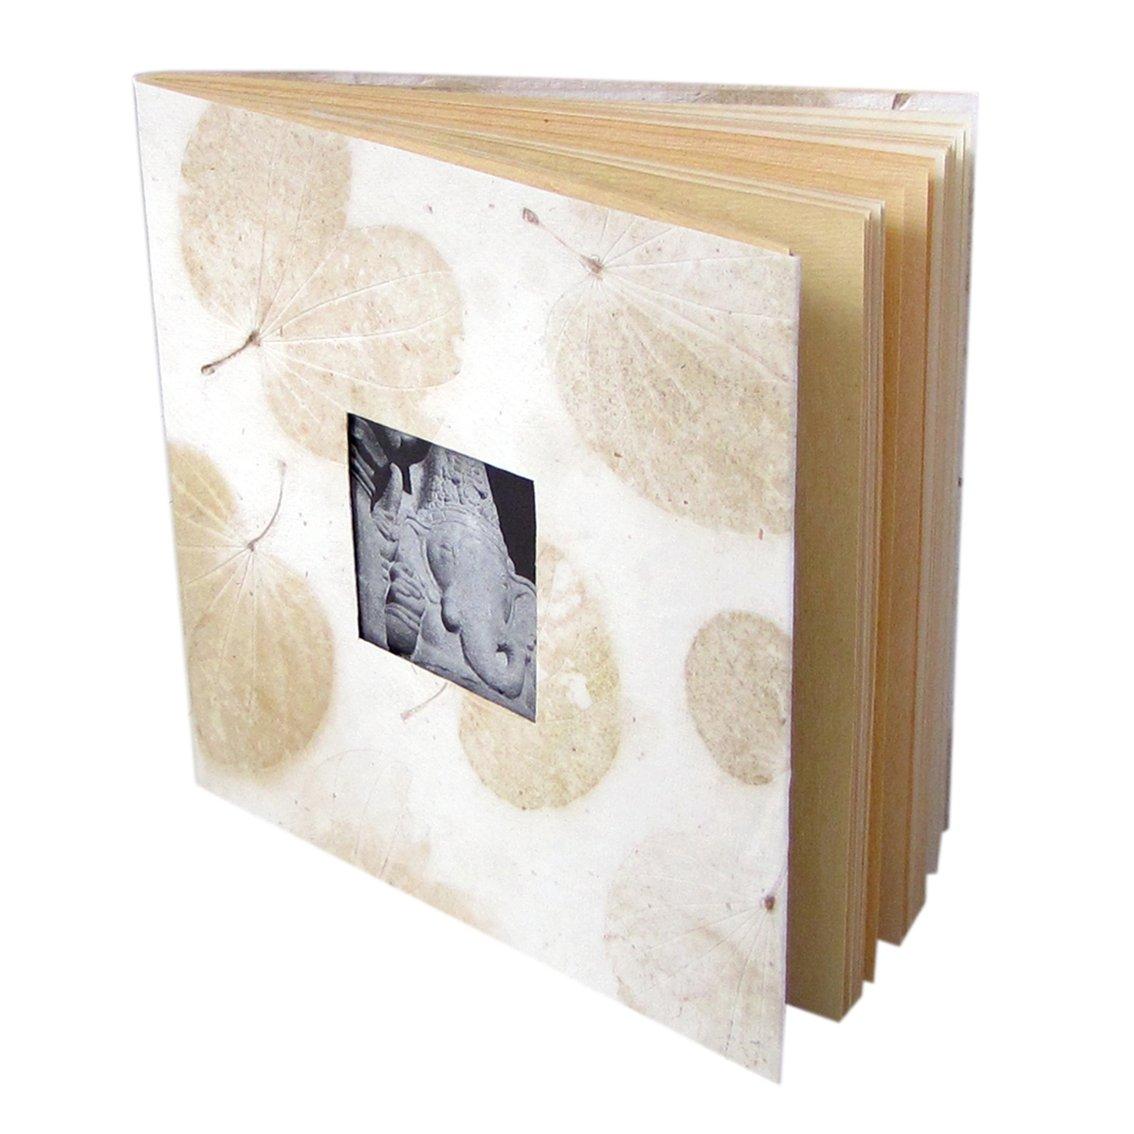 Black dry mount photo album Photo Gift Ideas Portrait Painting Pop Art Collage